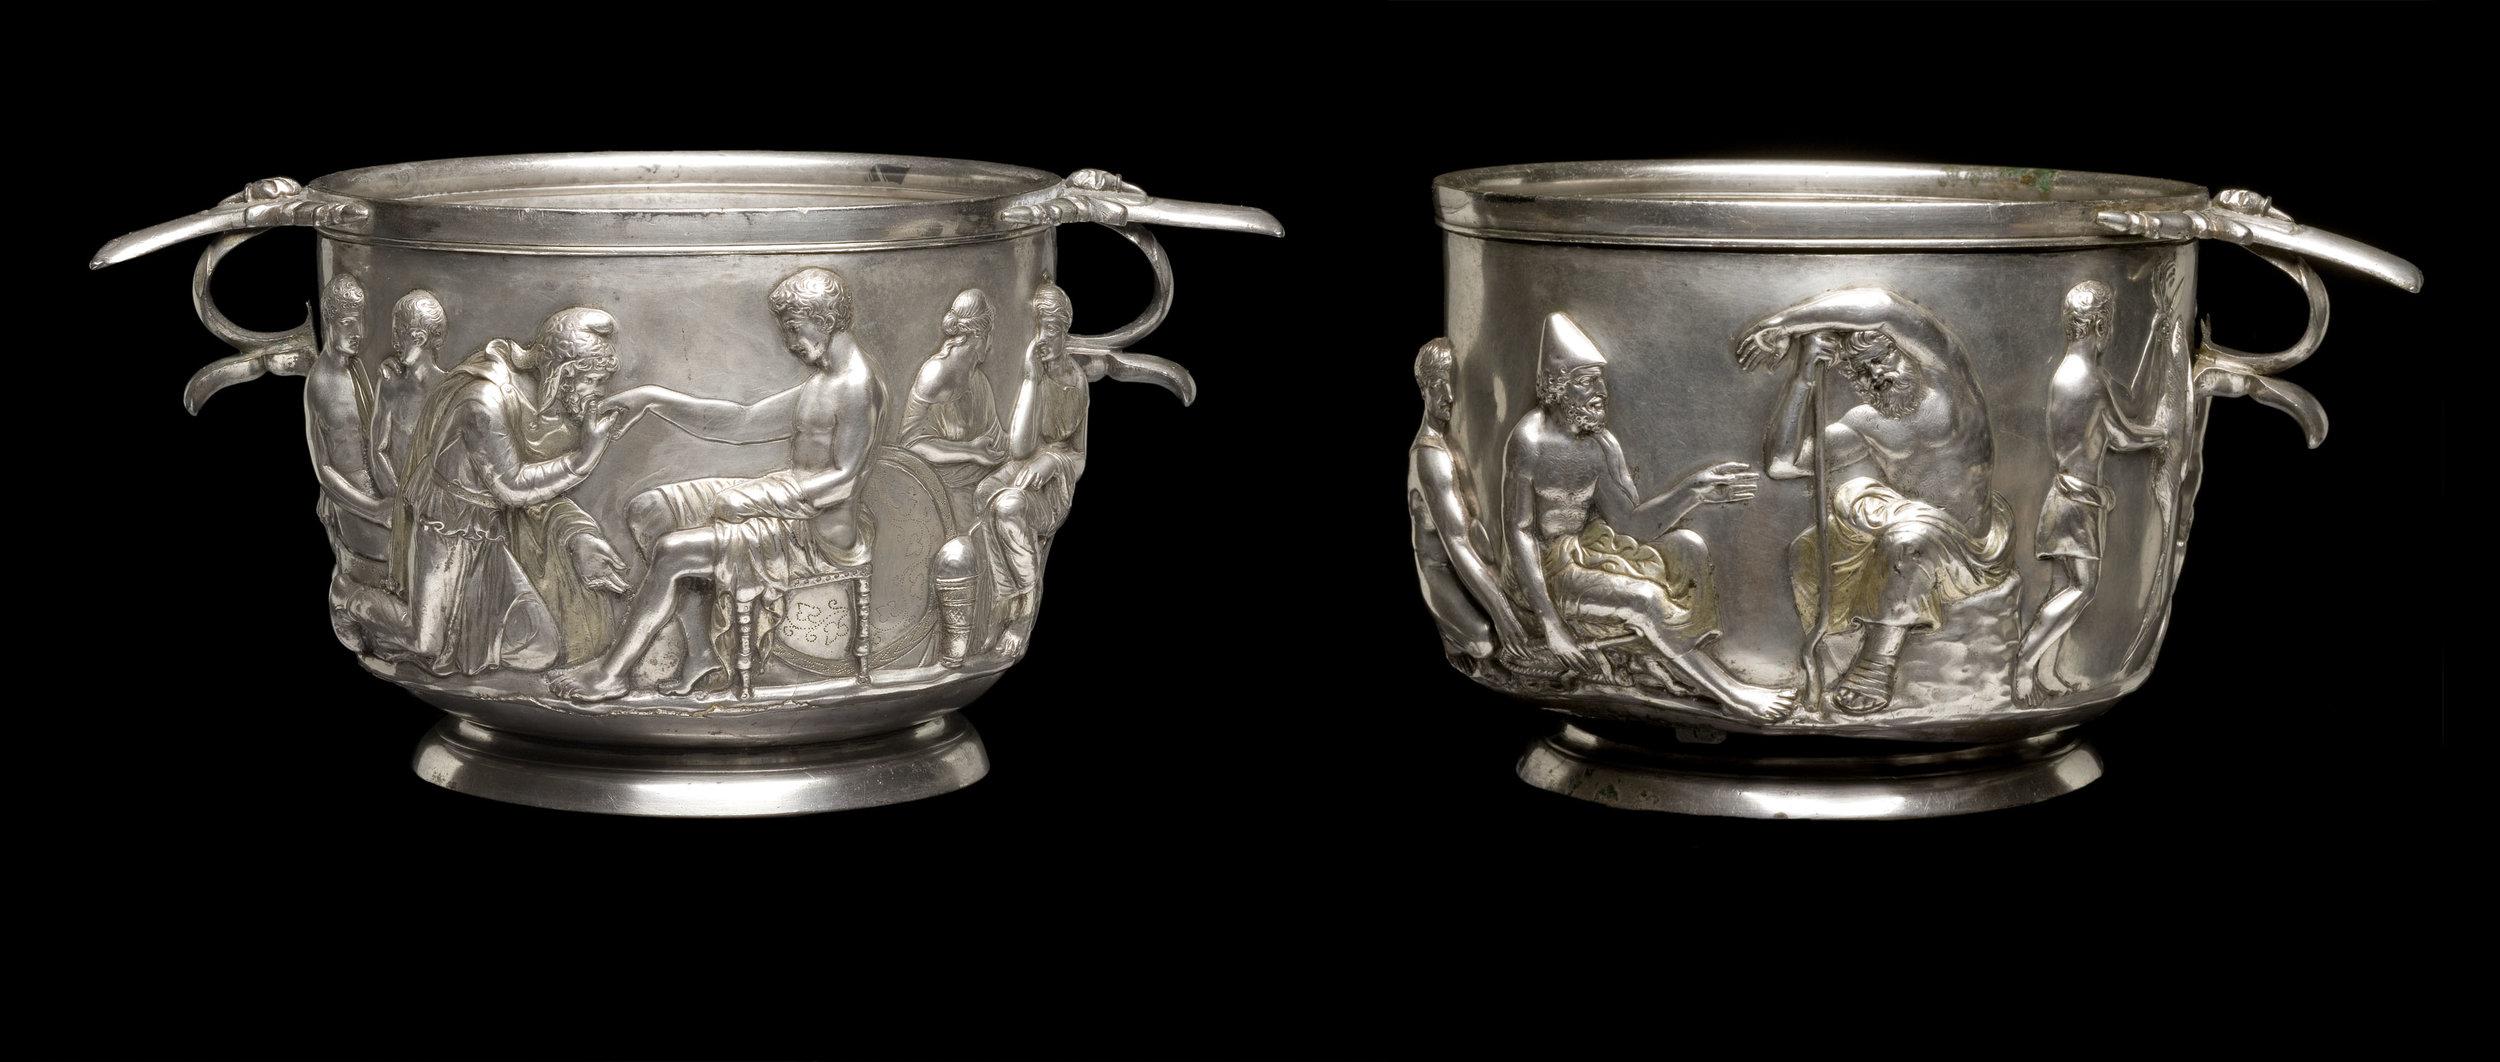 Scyphi sigillati in Hoby inventi. Imagines fecerunt Robertus Fortuna et Kira Ursem, Musaeum nationale regni Daniae.